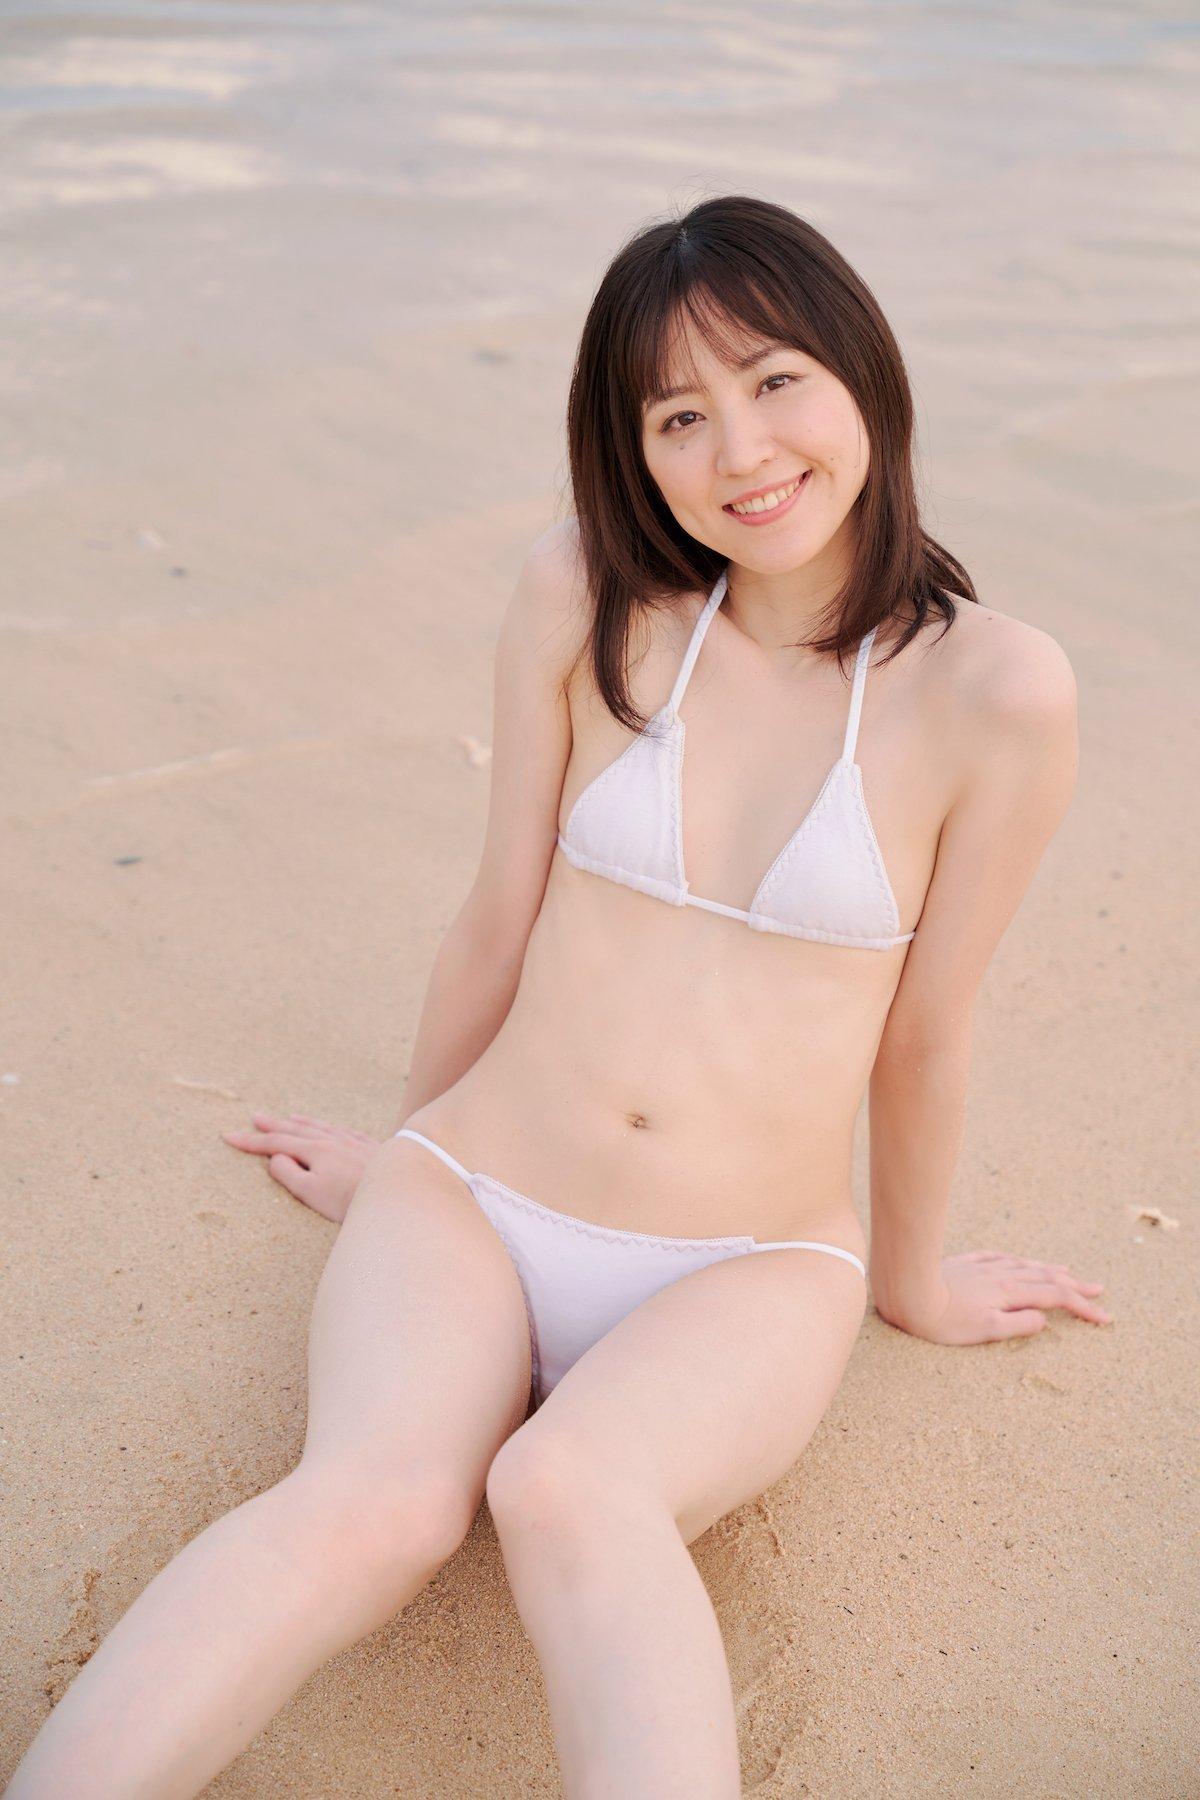 船岡咲「元ジュニアモデル」スレンダー美女のぷりぷり尻【画像10枚】の画像002